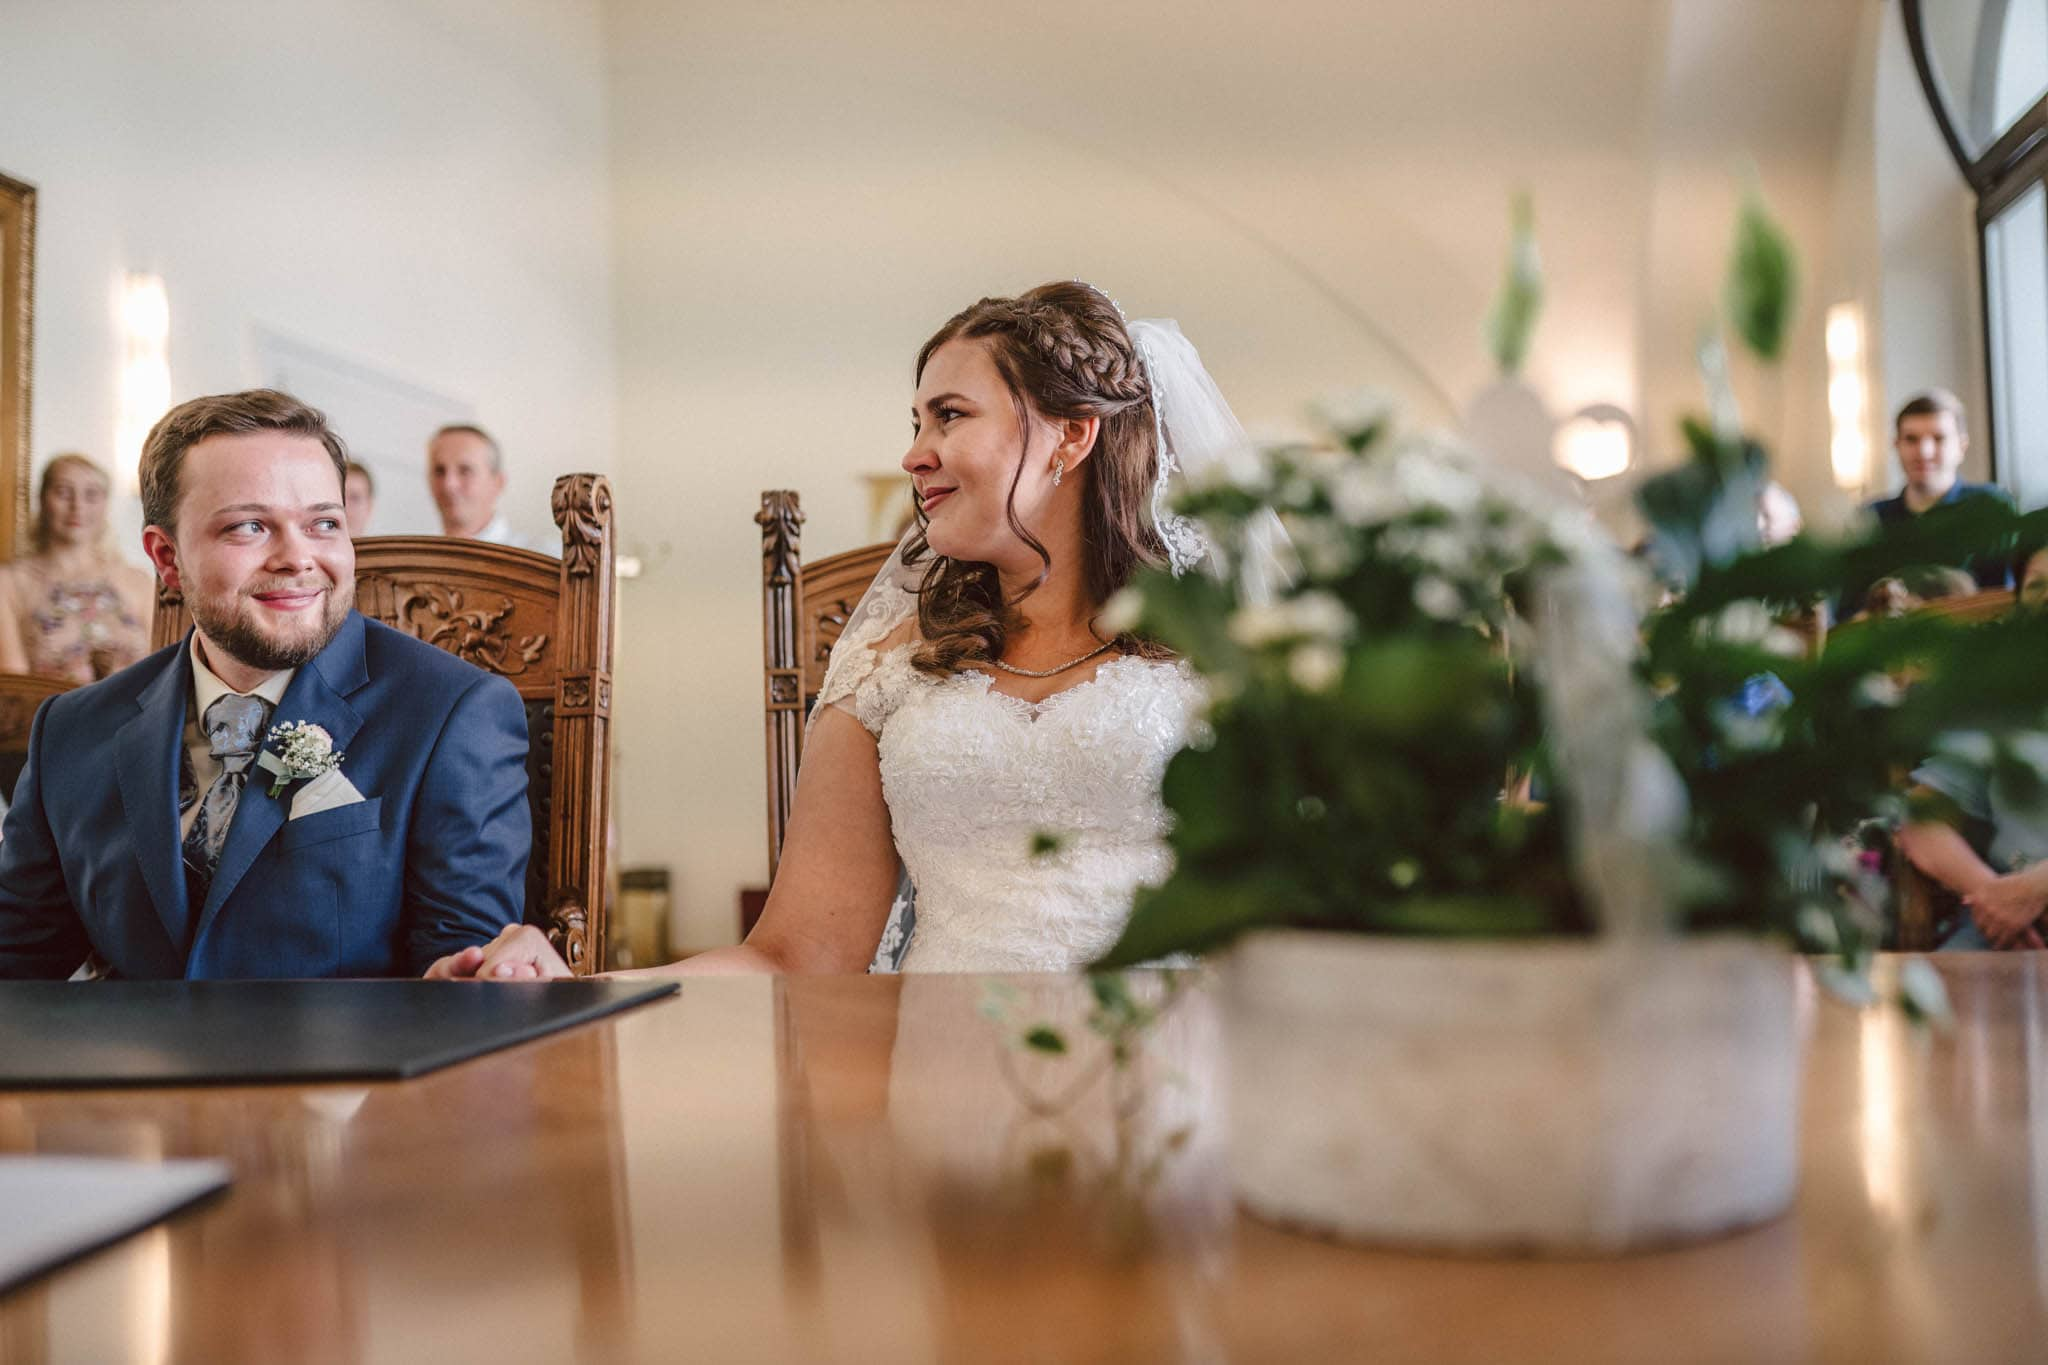 Hochzeitsfieber by Photo-Schomburg, Hochzeitsfotograf, Hamburg, Altona, wedding, Standesamt Altona, Appen, Hochzeitsshooting, Hochzeitstag, Brautpaar-46